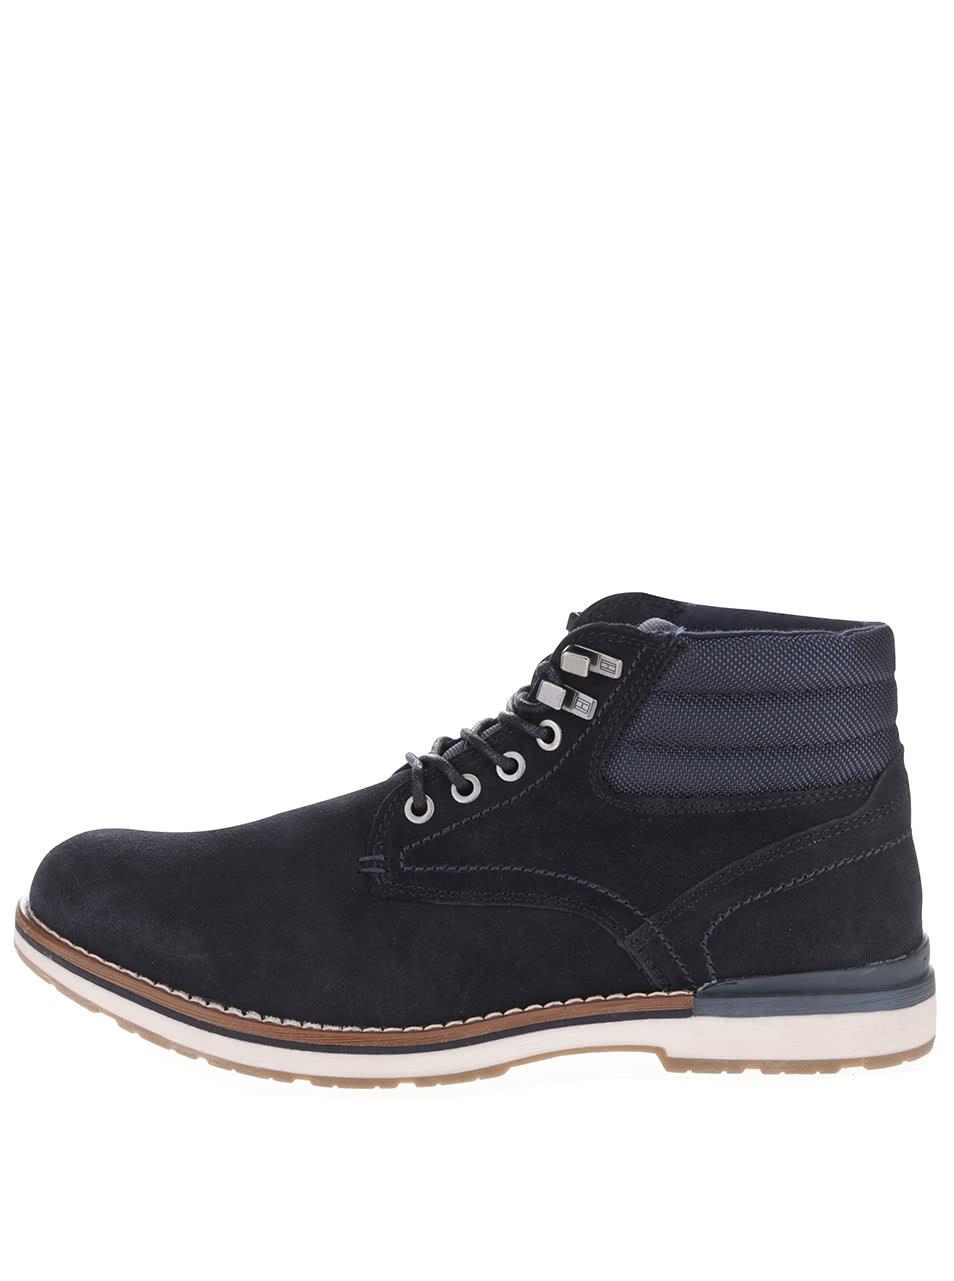 af6d274db96 Tmavě modré pánské semišové kotníkové boty Tommy Hilfiger ...